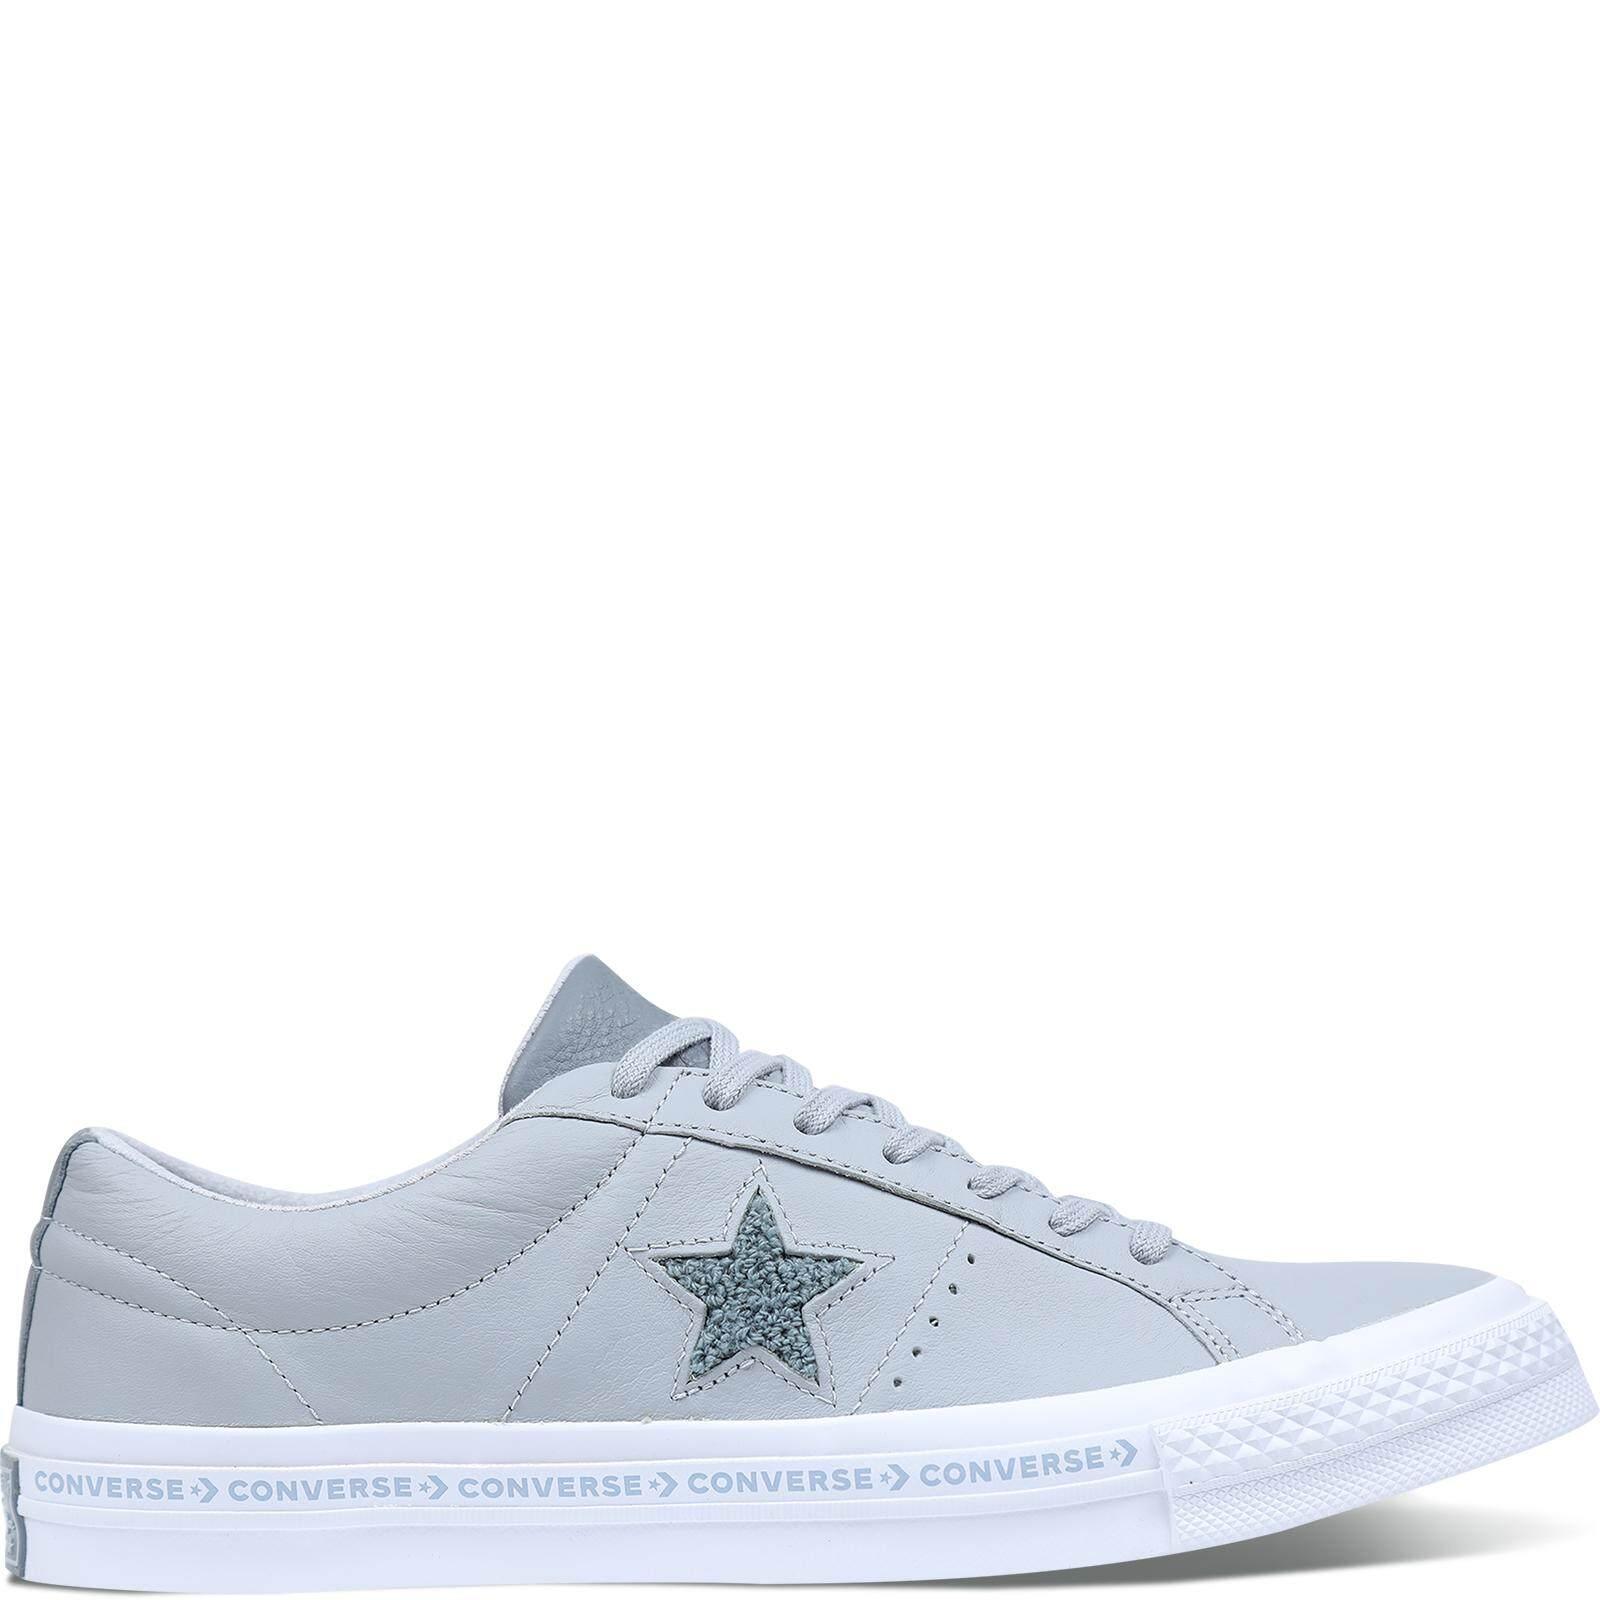 32d4503f37d5 Lazacar Shoes Philippines Lazada co Converse qnt671Rp